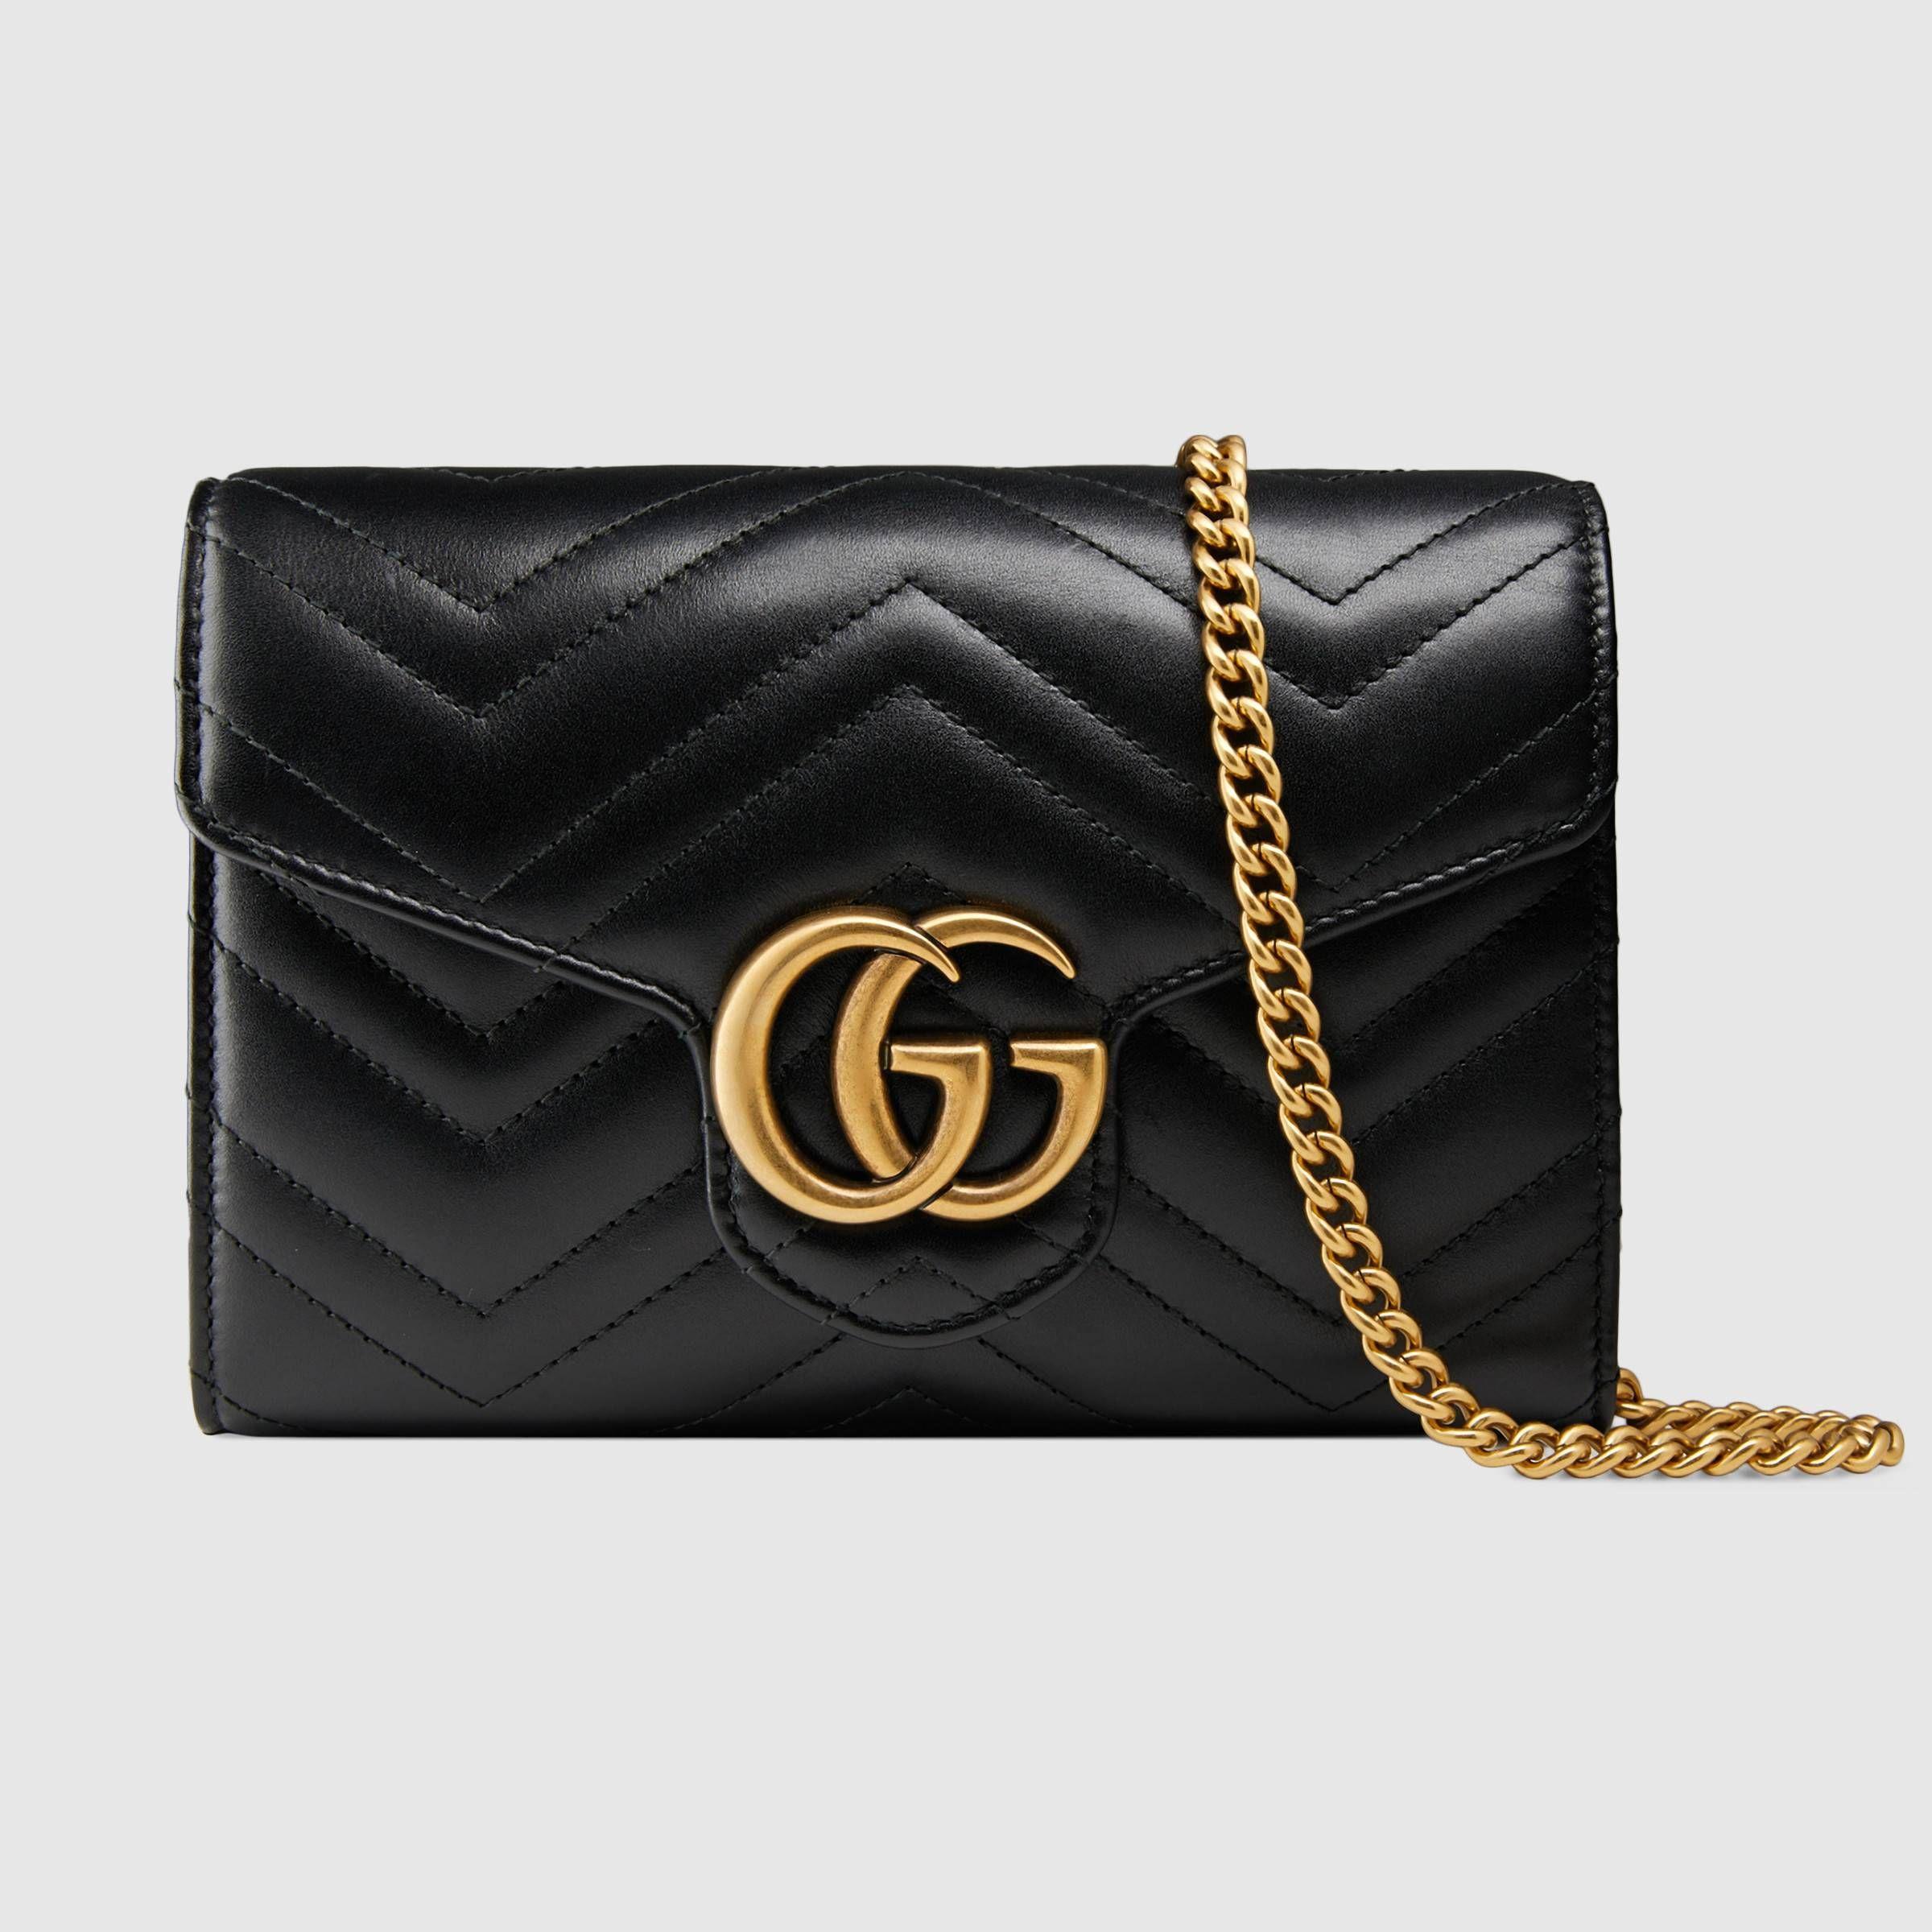 b213e629e6b7 GG Marmont matelassé mini bag - Gucci Women s Wallets   Small Accessories  474575DRW1T1000